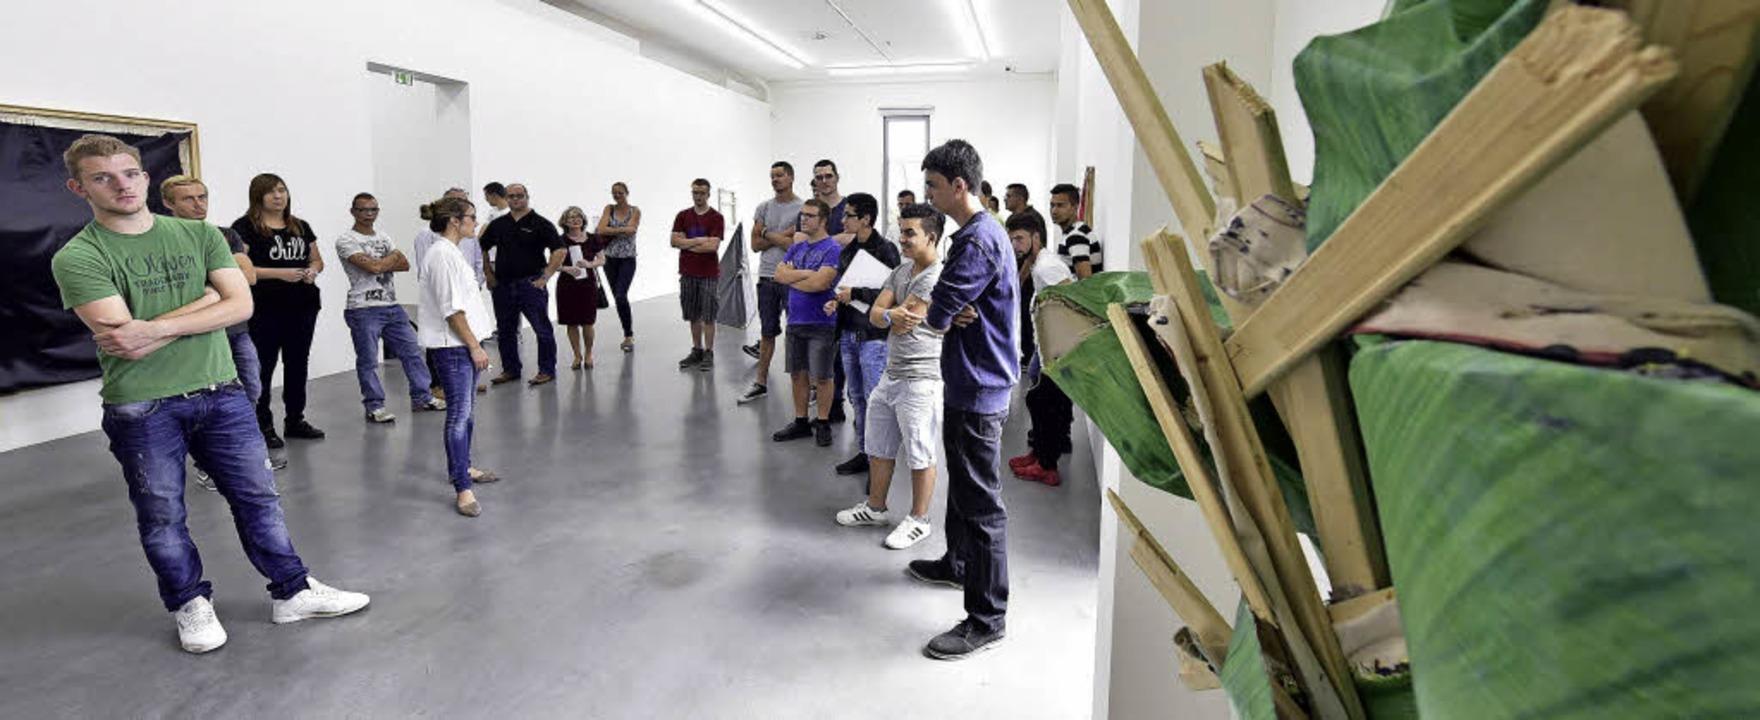 Kulturschule ganz praktisch: Die angeh...mit Rückenleiden (ganz hinten Mitte).   | Foto: Thomas Kunz